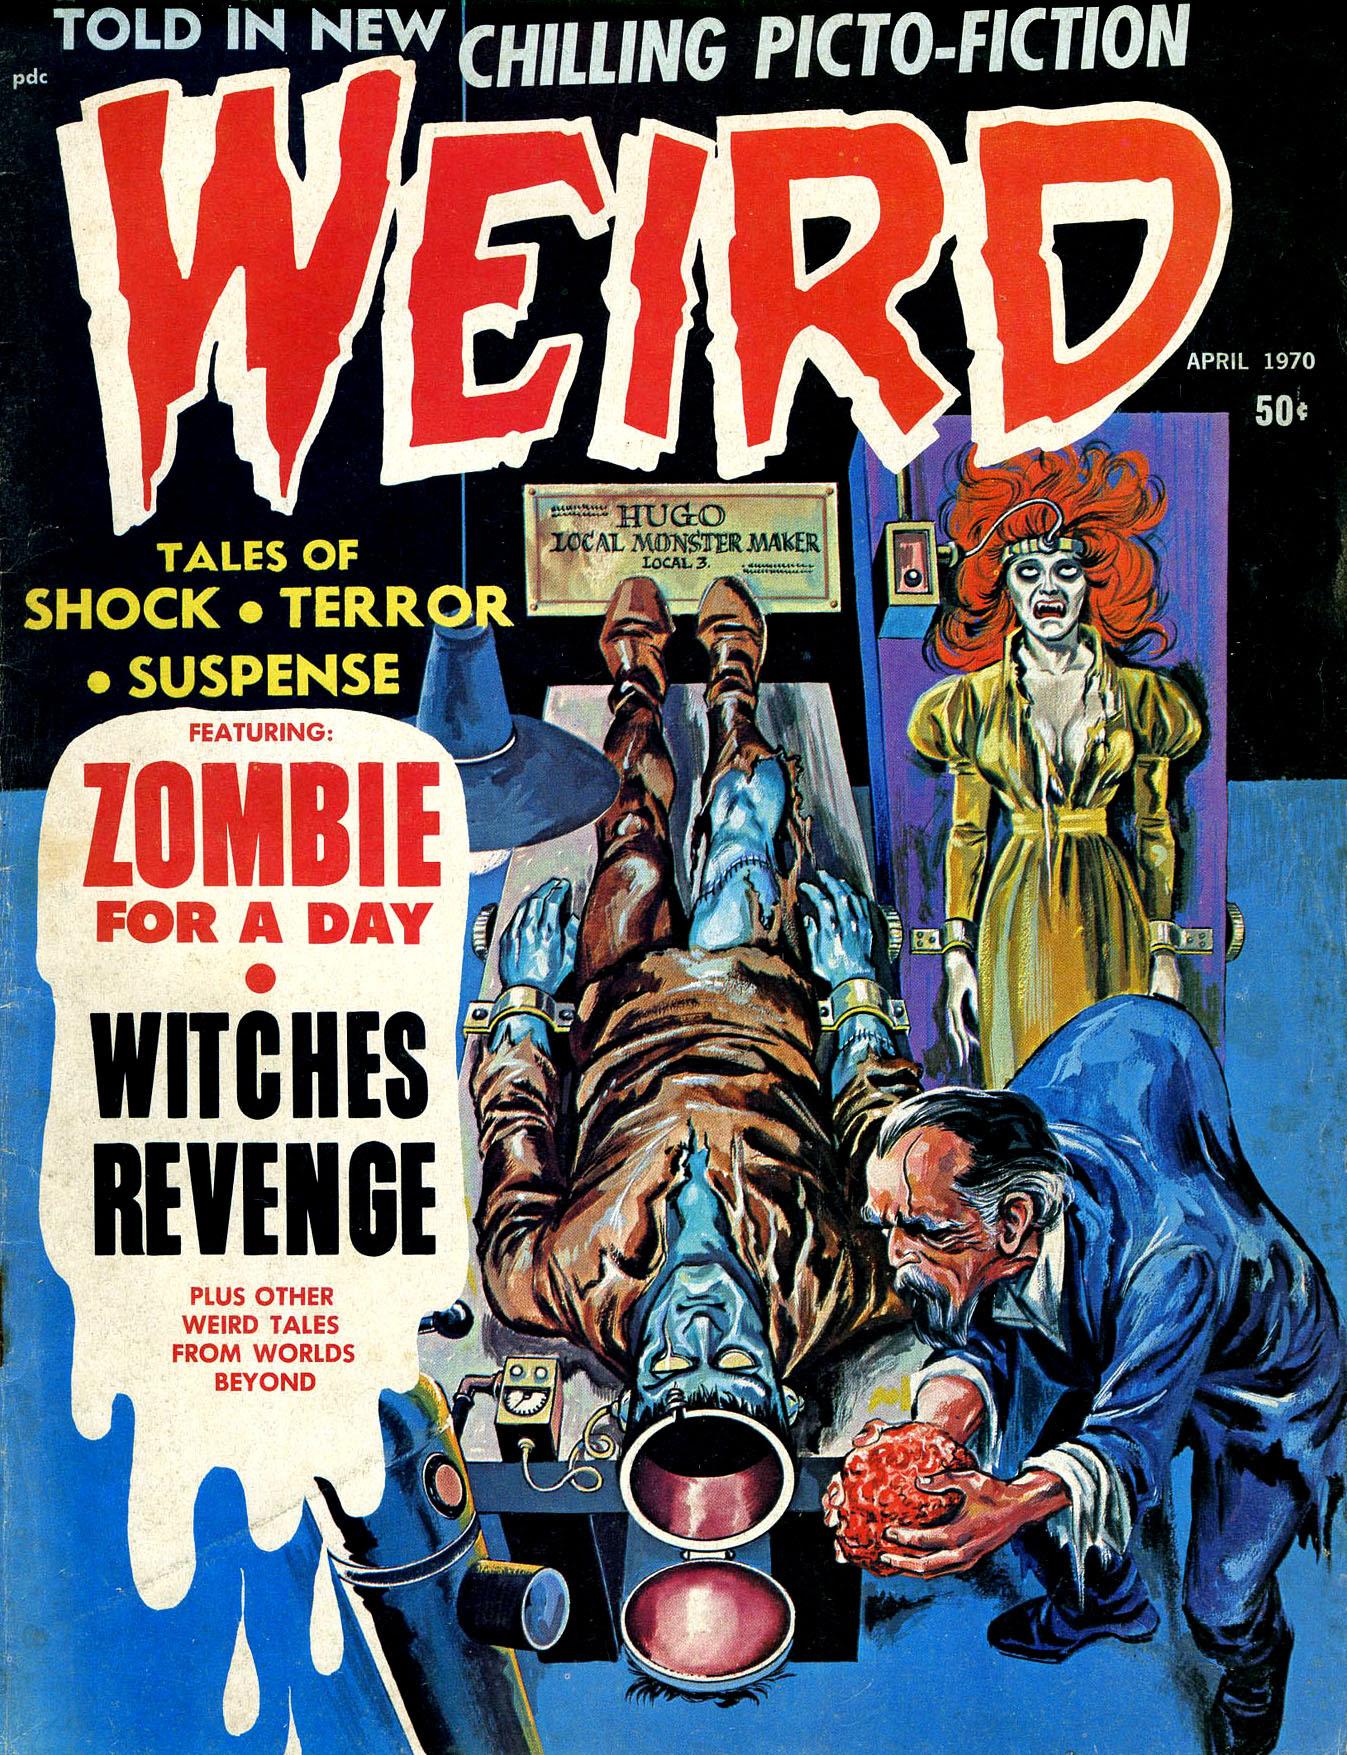 Weird Vol. 04 #2 (Eerie Publications, 1970)